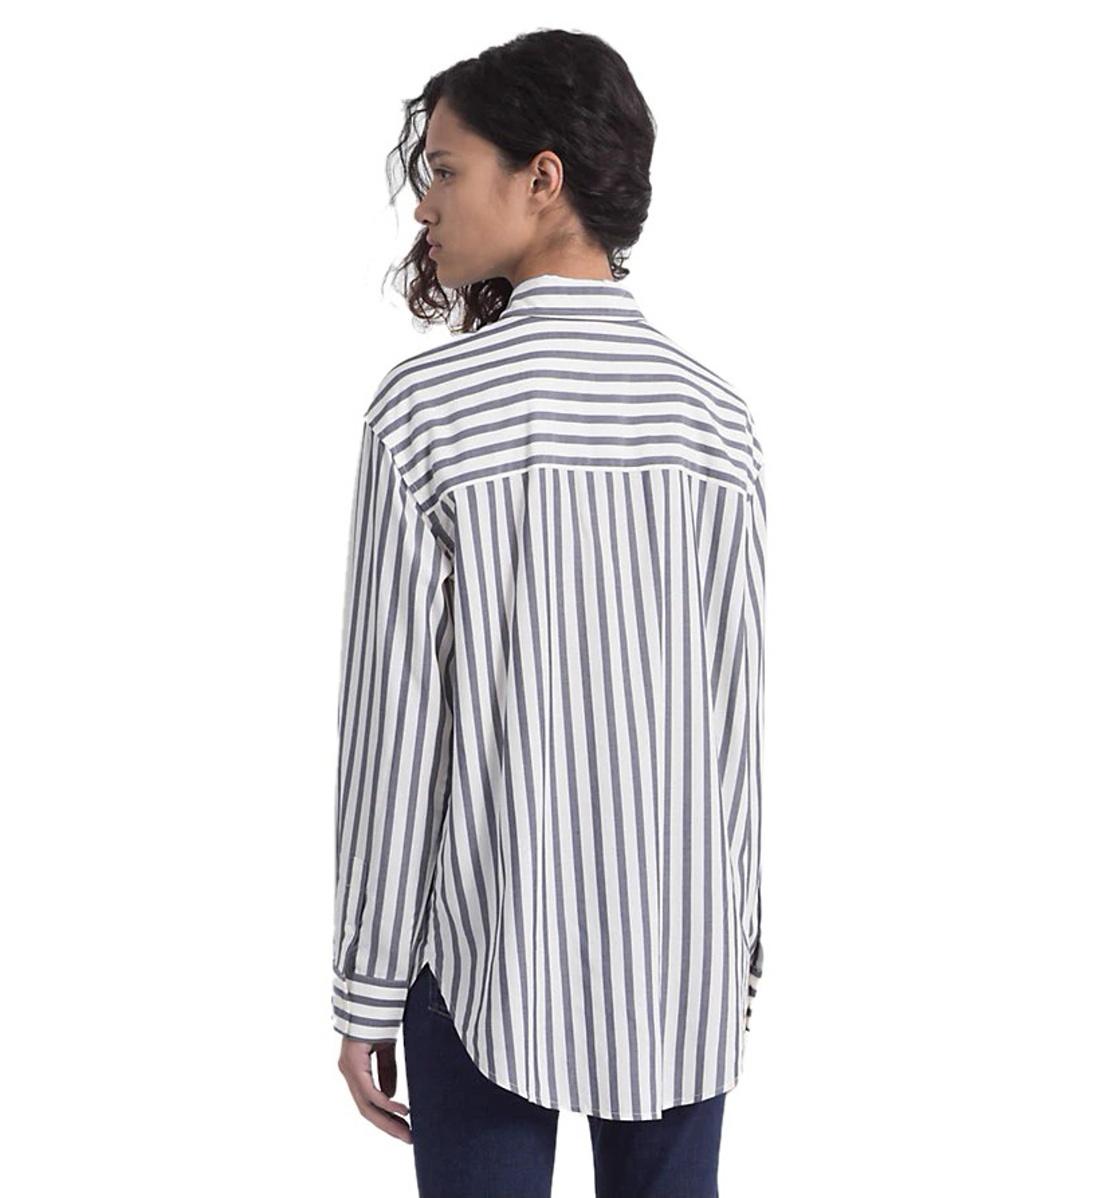 Calvin Klein dámská pruhovaná košile Oversized - Mode.cz f62f46384c